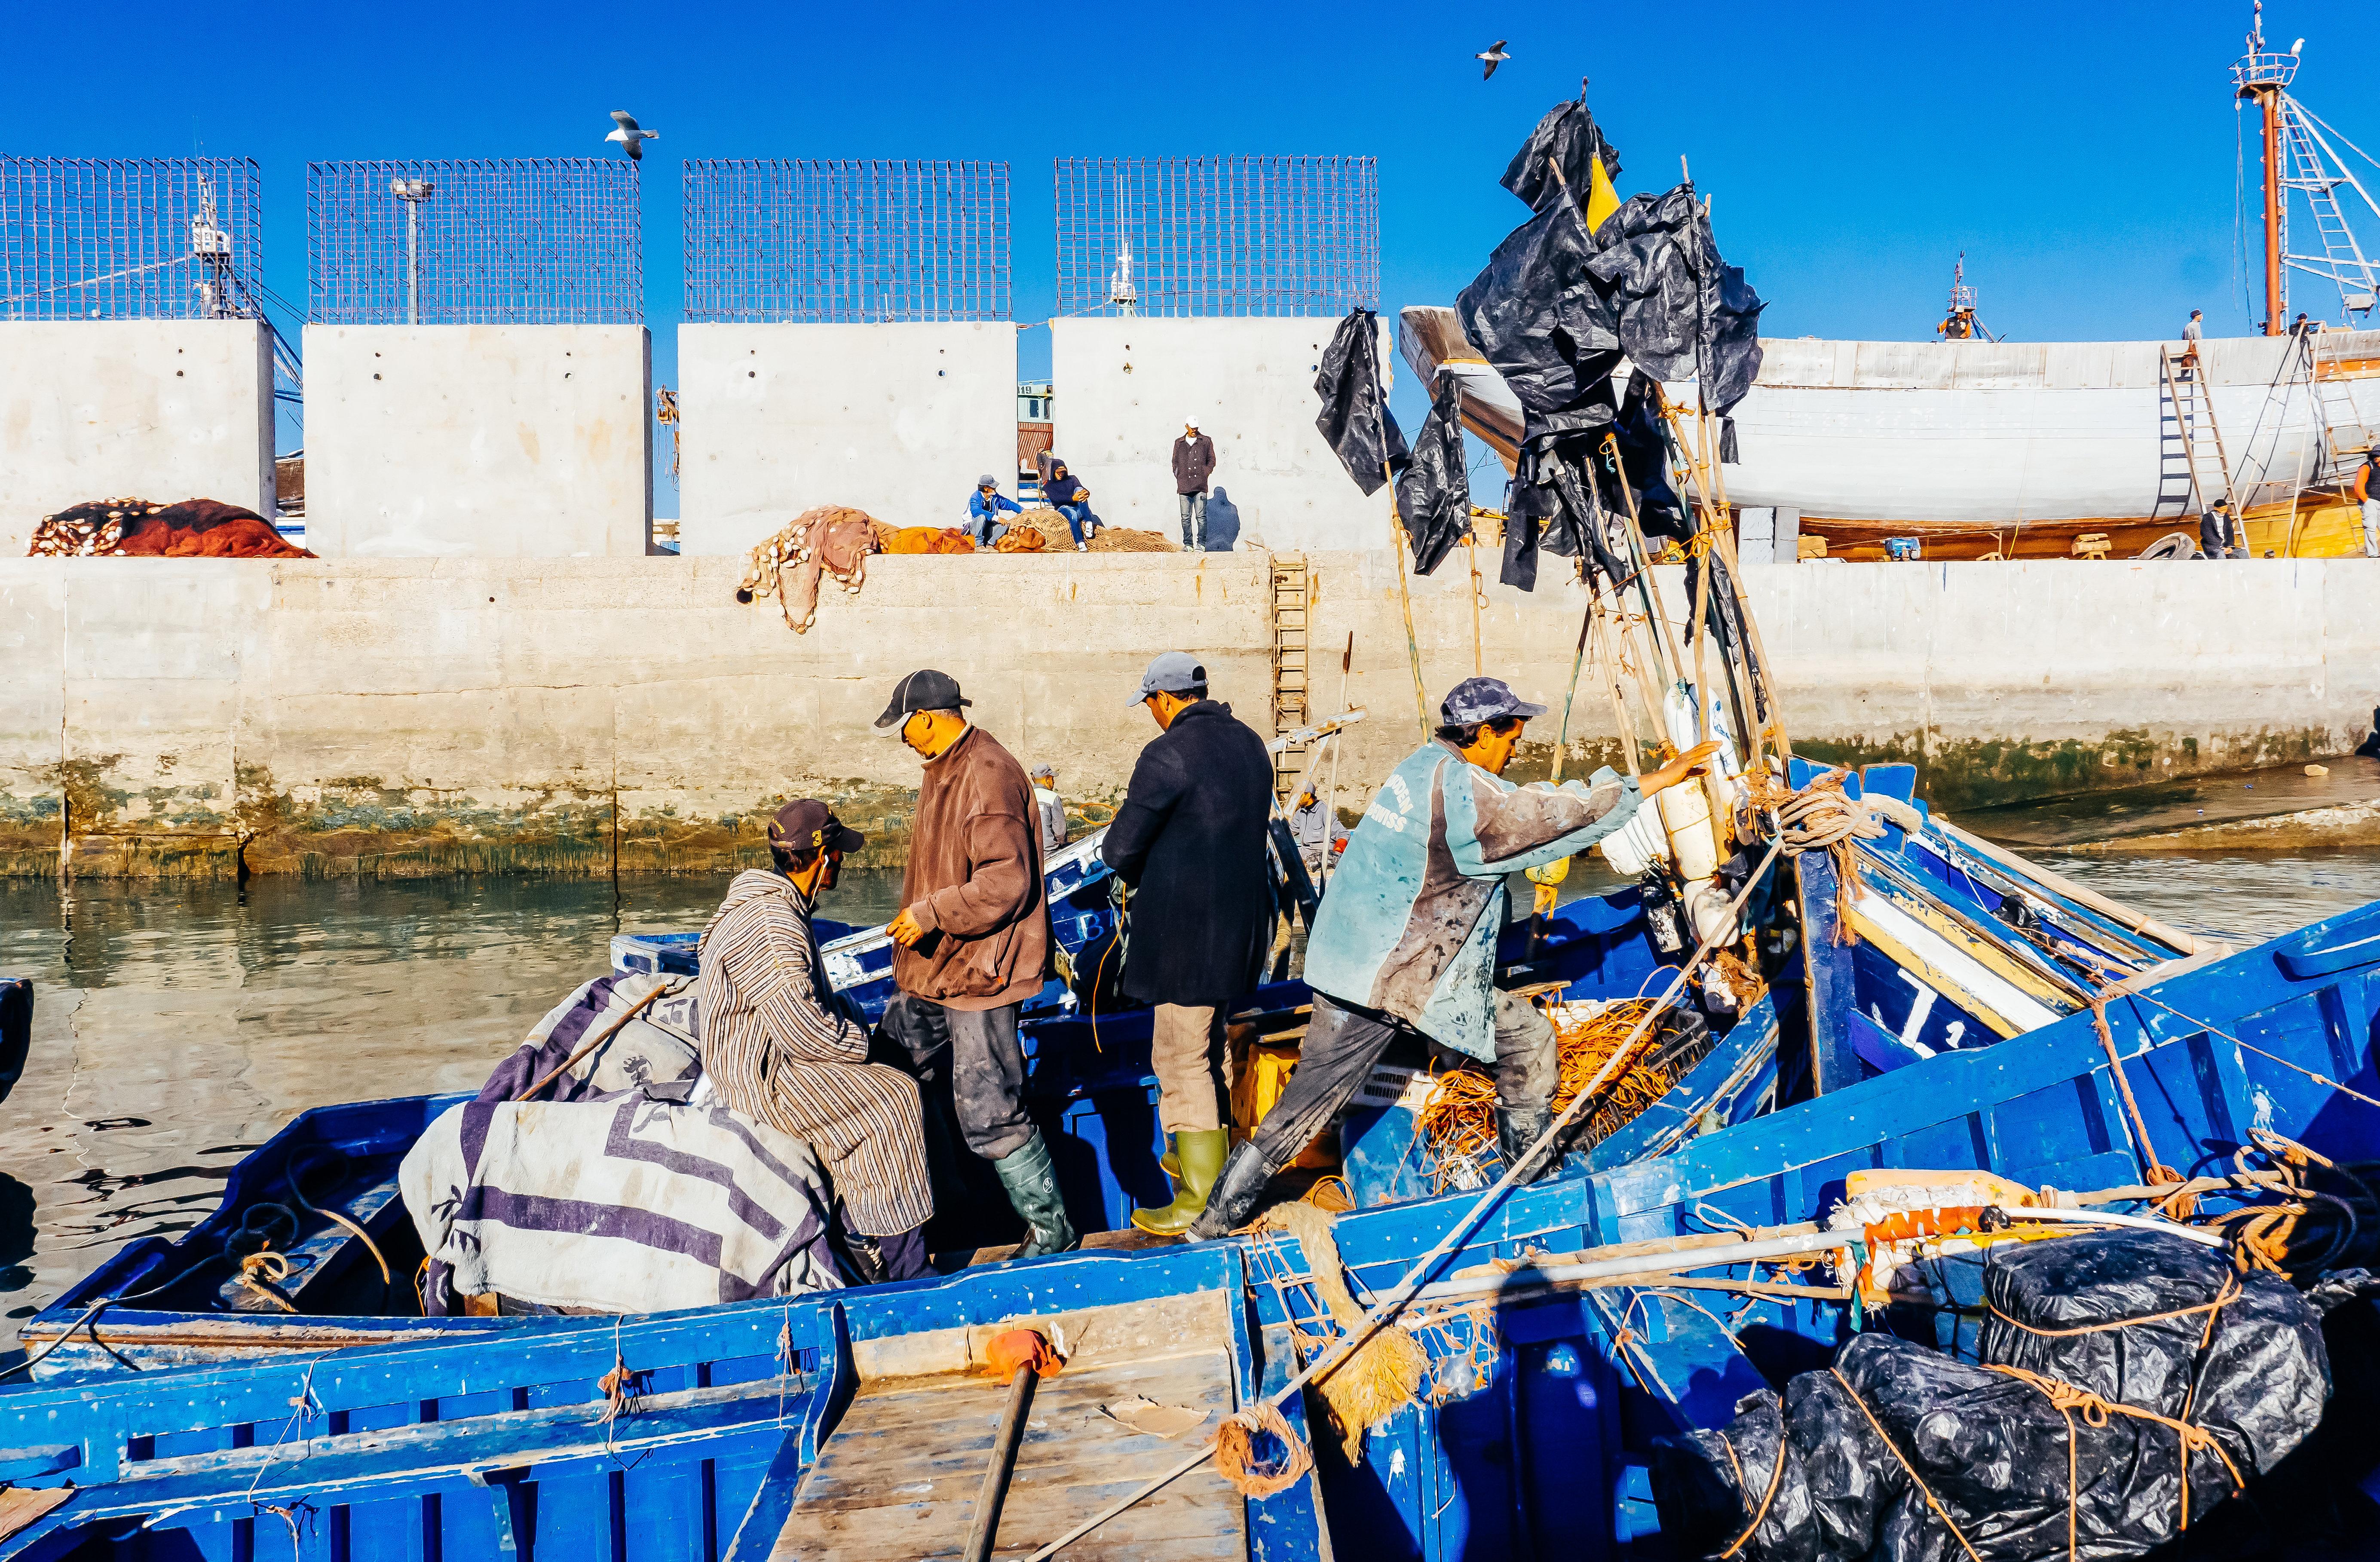 L'accord de pêche Maroc-UE adopté par le Parlement européen à une large